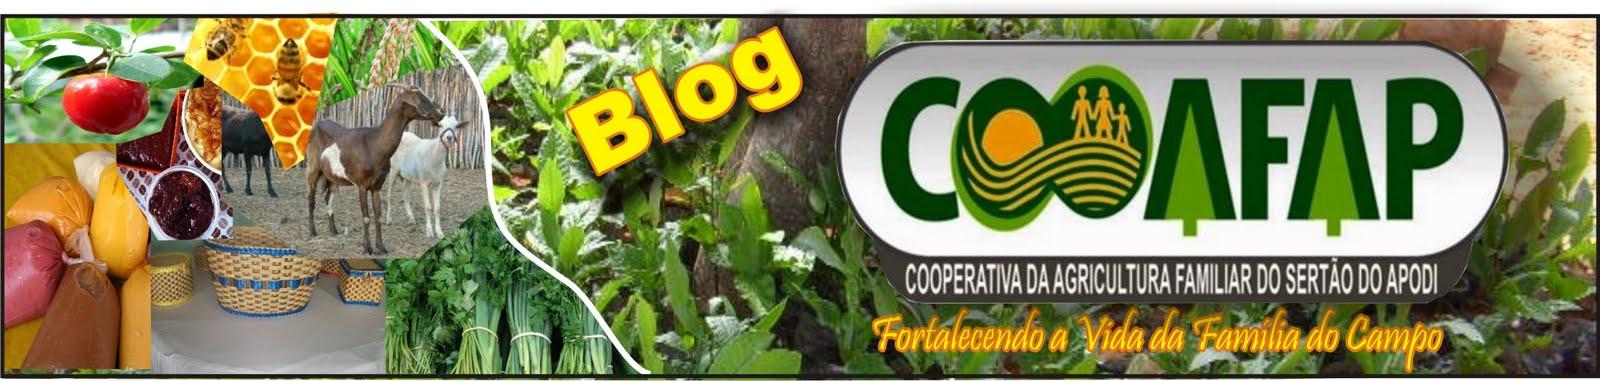 Cooperativa da Agricultura Familiar de Apodi